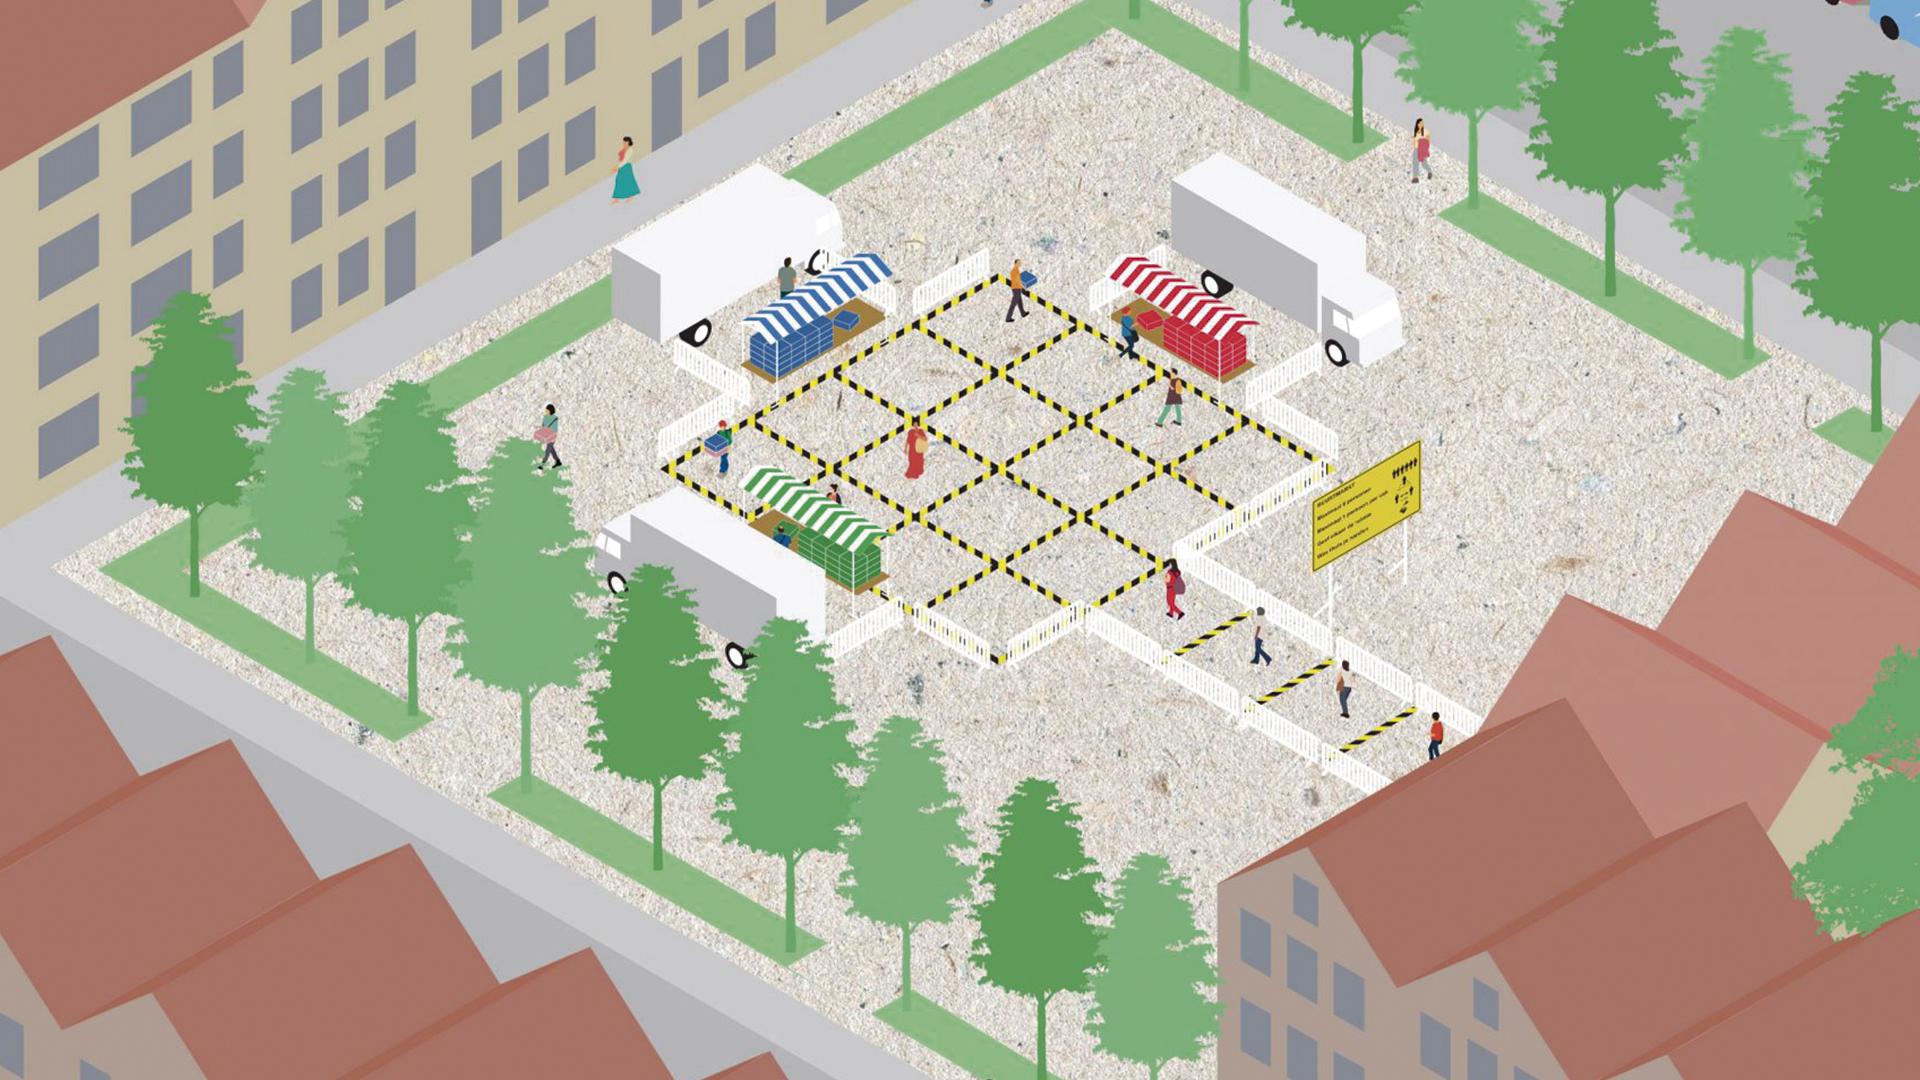 El distanciamiento social en un mercado o feria de una ciudad